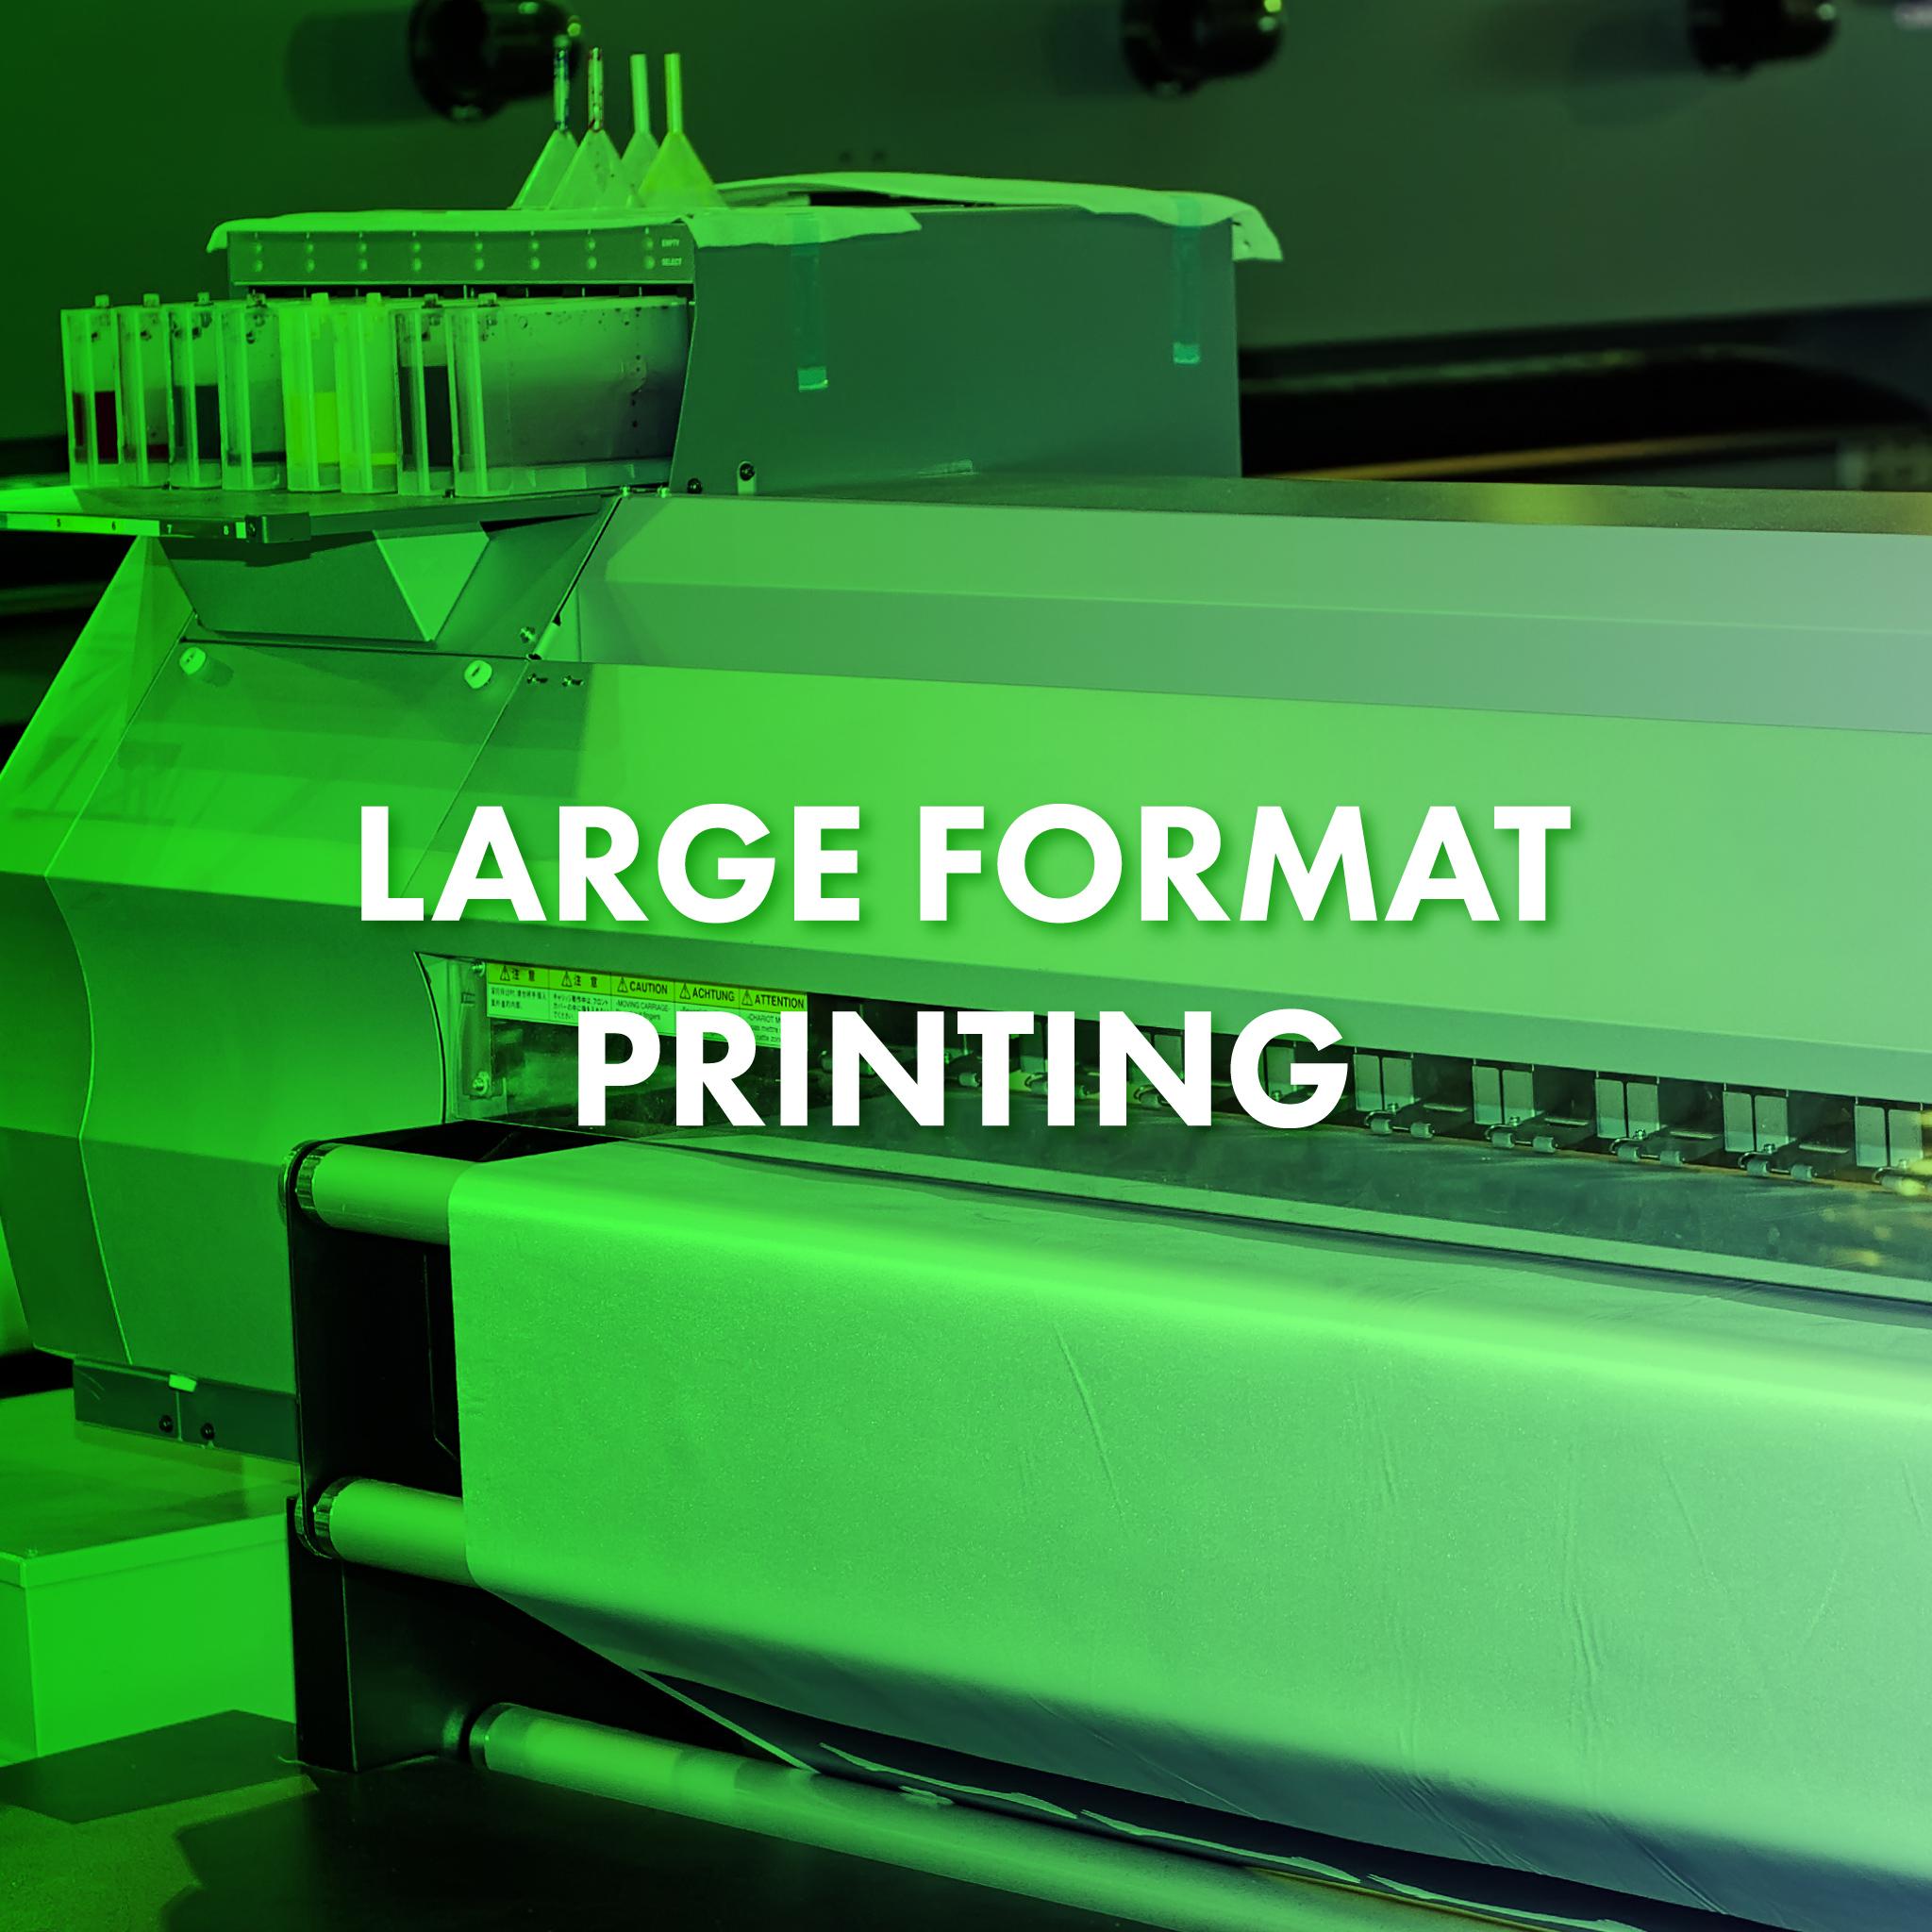 Large-format-printing-Image.jpg